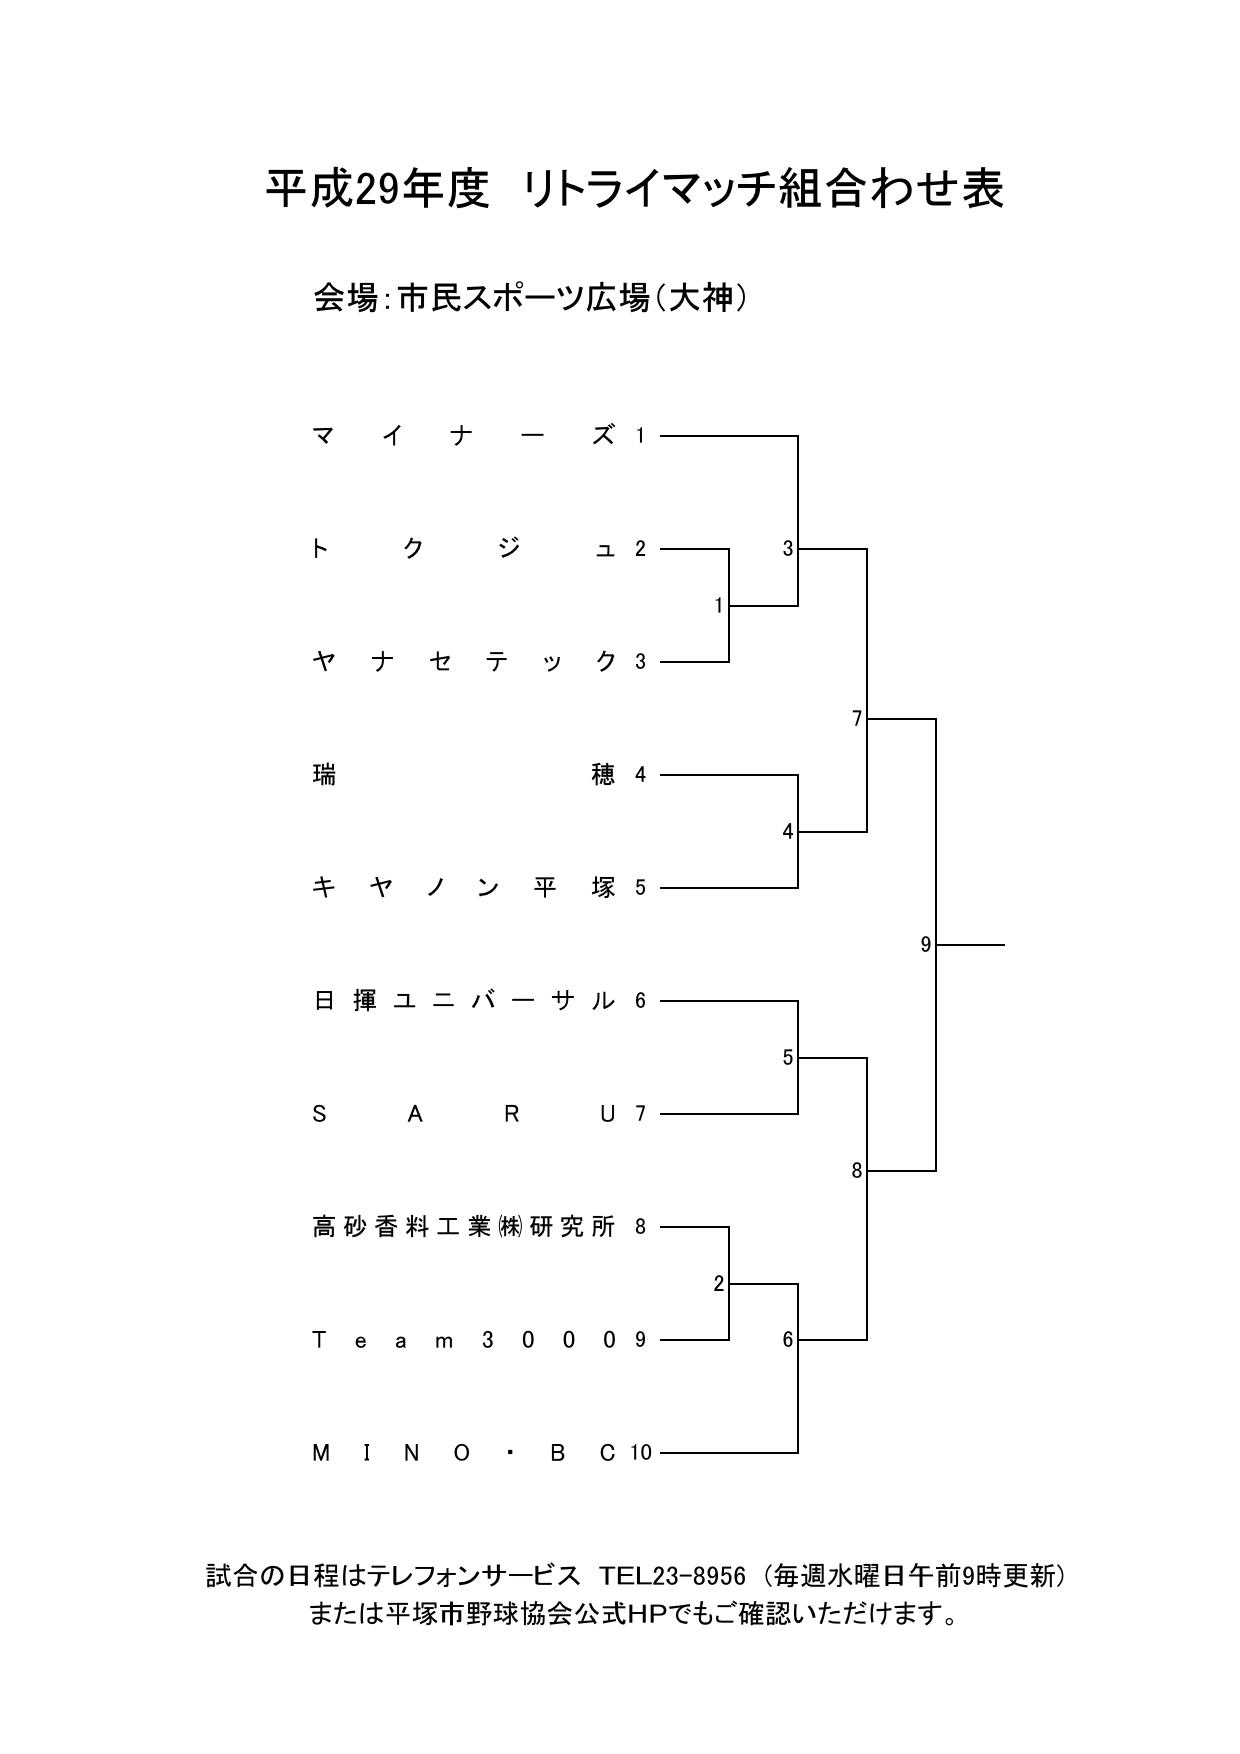 H29リトライトーナメント表